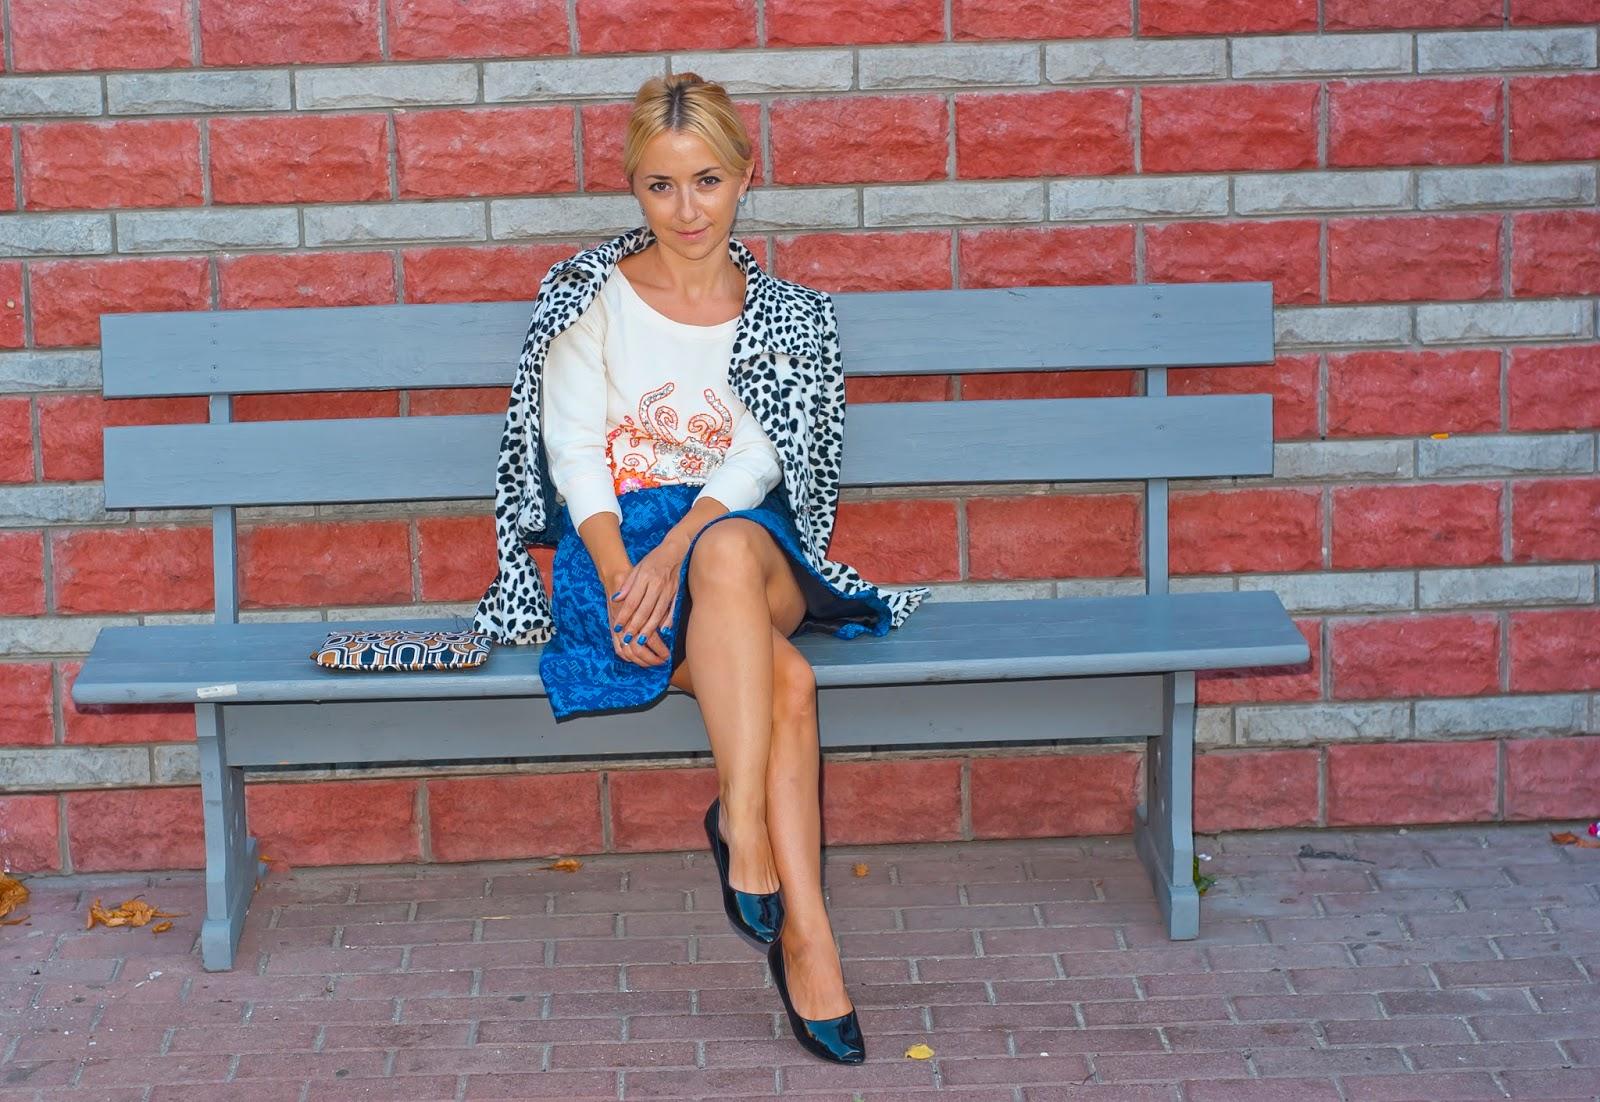 Девушка чулки каблуки юбка фото